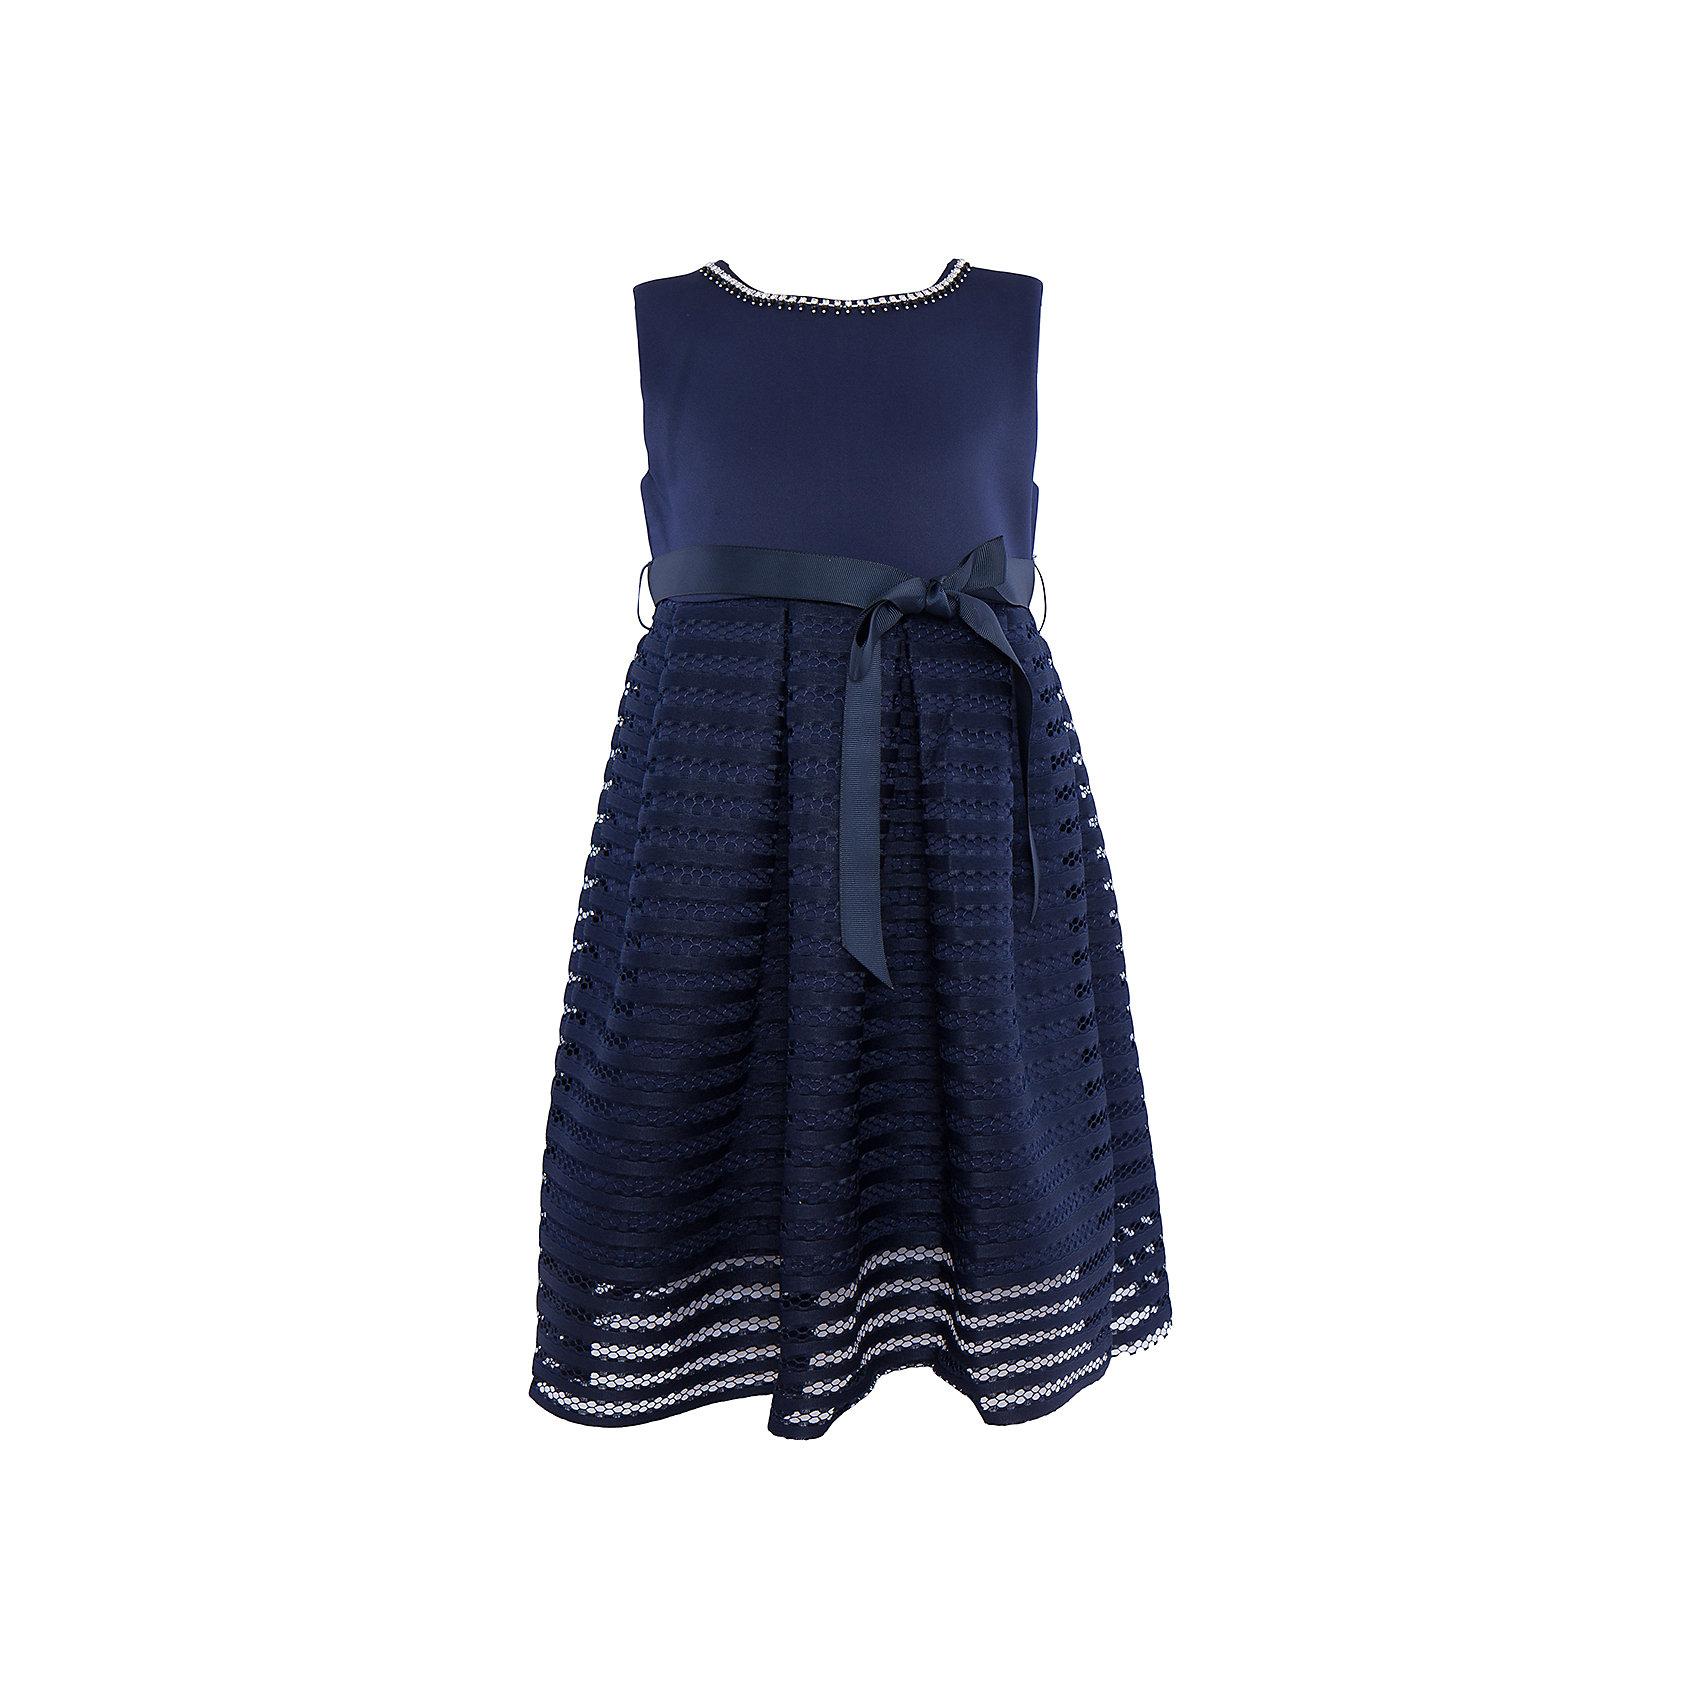 Нарядное платье для девочки Sweet BerryОдежда<br>Характеристики:<br><br>• Вид одежды: платье<br>• Предназначение: для праздника, торжеств<br>• Сезон: круглый год<br>• Материал: верх – 95% полиэстер, 5% эластан; подкладка – 100% хлопок<br>• Цвет: темно-синий<br>• Силуэт: классический А-силуэт<br>• Длина платья: миди<br>• Вырез горловины: круглый, оформлен декоративной тесьмой-ожерельем<br>• Наличие репсового пояса<br>• Застежка: молния на спинке<br>• Особенности ухода: ручная стирка без применения отбеливающих средств, глажение при низкой температуре <br><br>Sweet Berry – это производитель, который сочетает в своей одежде функциональность, качество, стиль и следование современным мировым тенденциям в детской текстильной индустрии. <br>Стильное платье для девочки от знаменитого производителя детской одежды Sweet Berry выполнено из полиэстера с хлопковой подкладкой. Изделие имеет классический силуэт с отрезной талией и юбку с 3-d эффектом. Полочка выполнена из легкого трикотажа, вырез горловины оформлен декоративной тесьмой-ожерельем серебристого цвета. В комплекте имеется неширокий репсовый пояс. Праздничное платье от Sweet Berry – это залог успеха вашего ребенка на любом торжестве!<br><br>Платье для девочки Sweet Berry можно купить в нашем интернет-магазине.<br><br>Ширина мм: 236<br>Глубина мм: 16<br>Высота мм: 184<br>Вес г: 177<br>Цвет: синий<br>Возраст от месяцев: 36<br>Возраст до месяцев: 48<br>Пол: Женский<br>Возраст: Детский<br>Размер: 104,98,110,116,122,128<br>SKU: 5052182